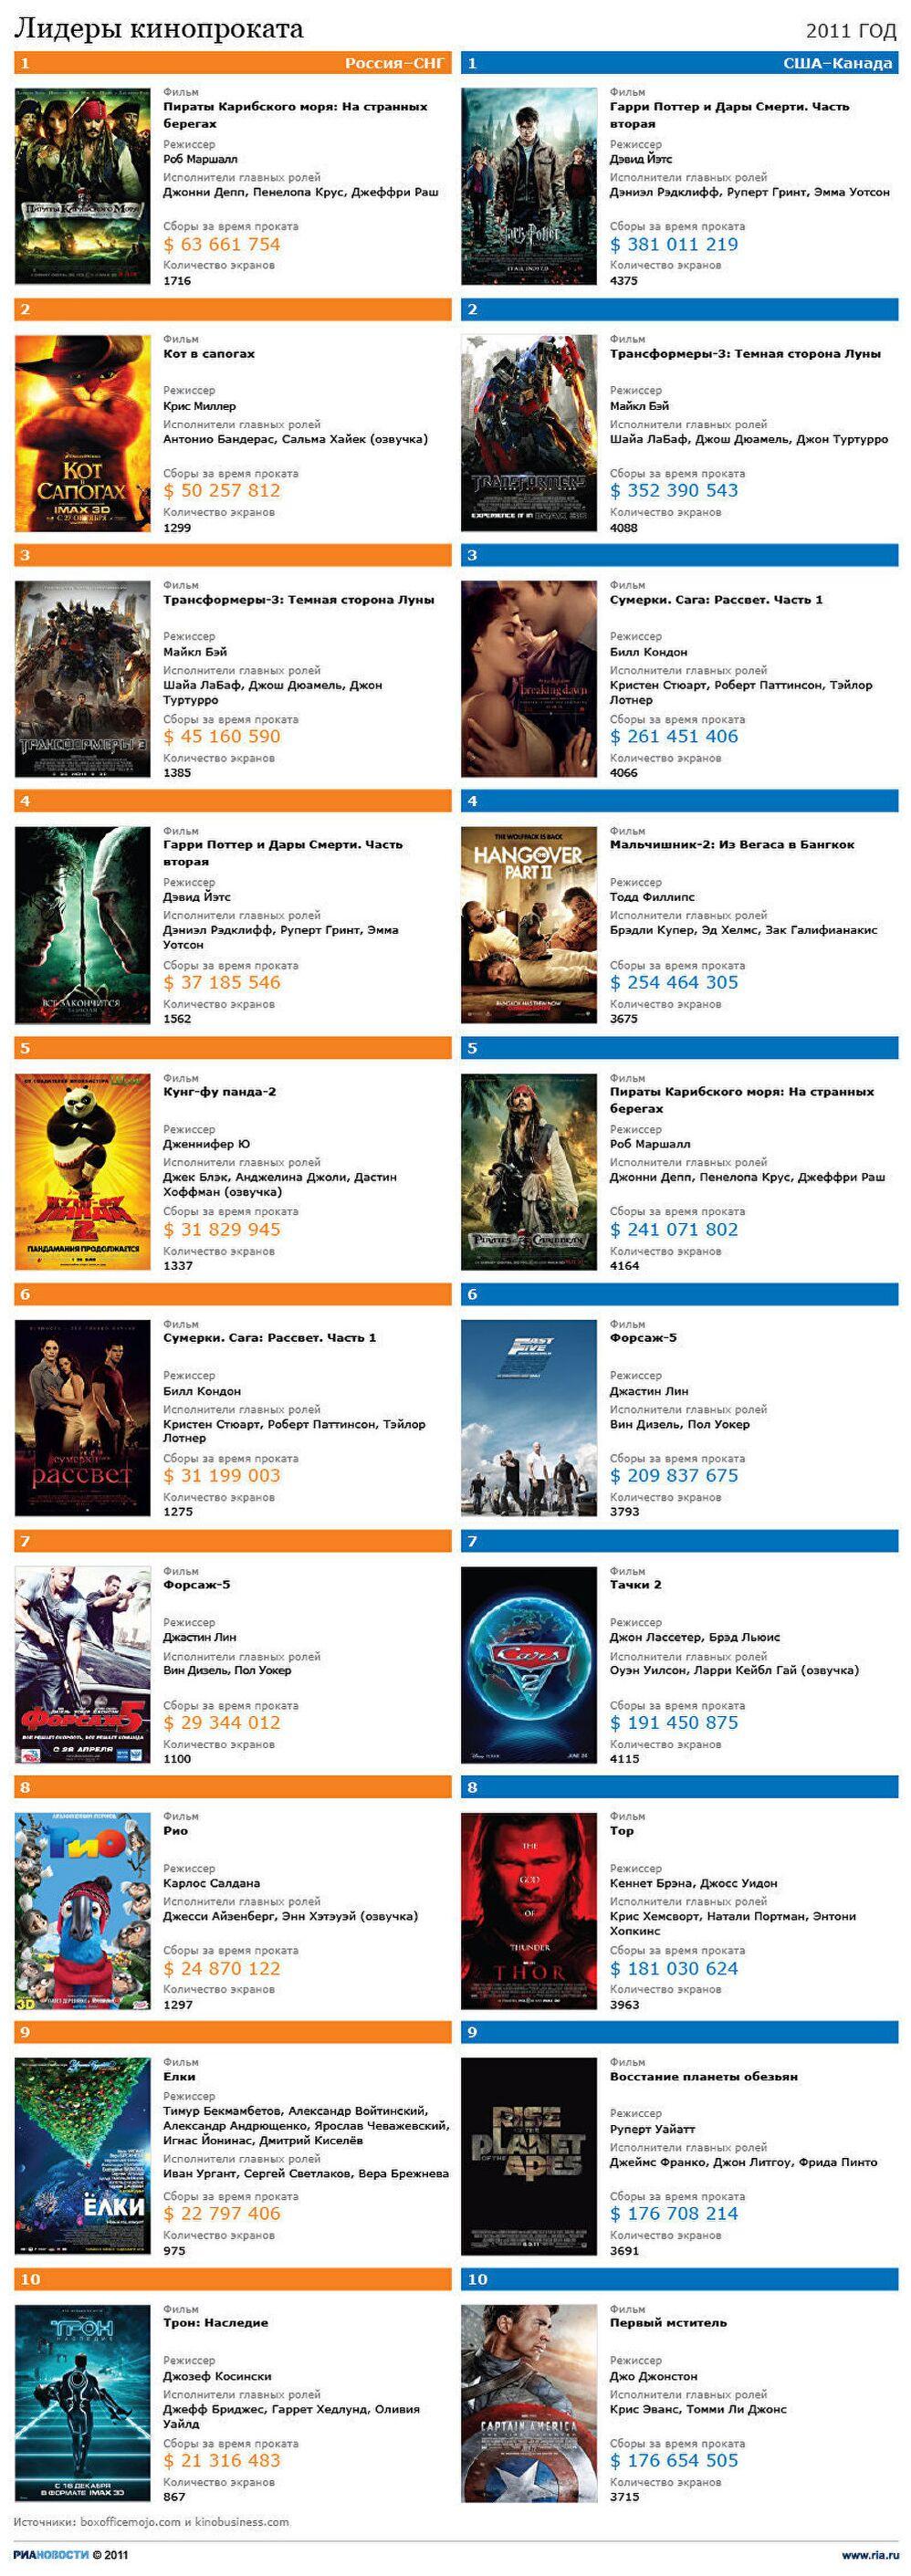 самые кассовые фильмы 2011 года риа новости 21122011